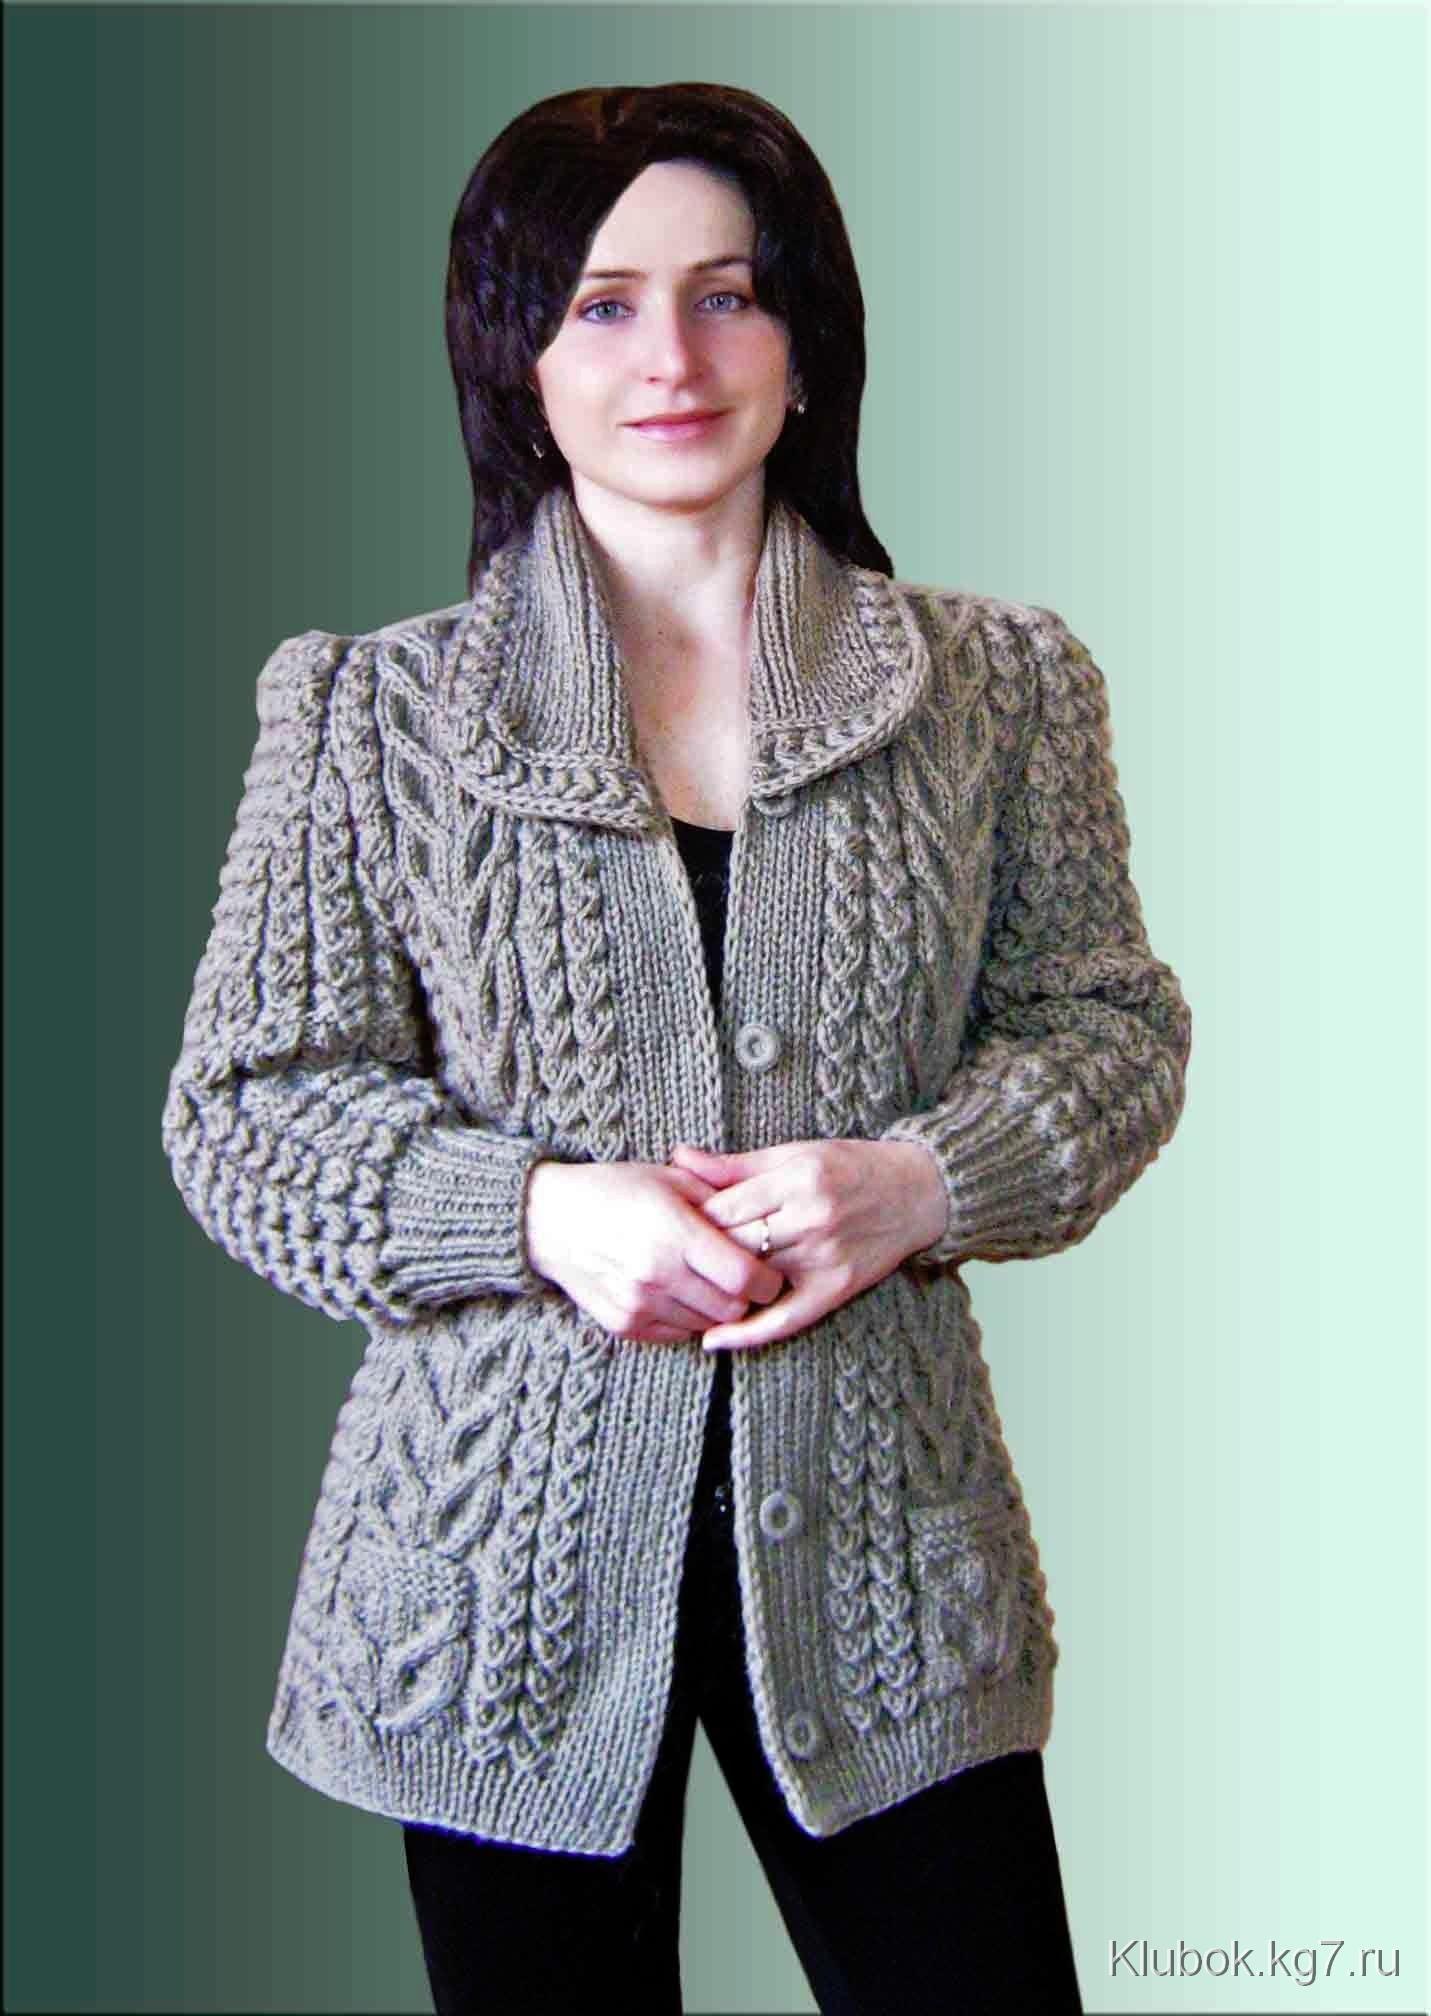 Наталья лок вязание спицами с описанием